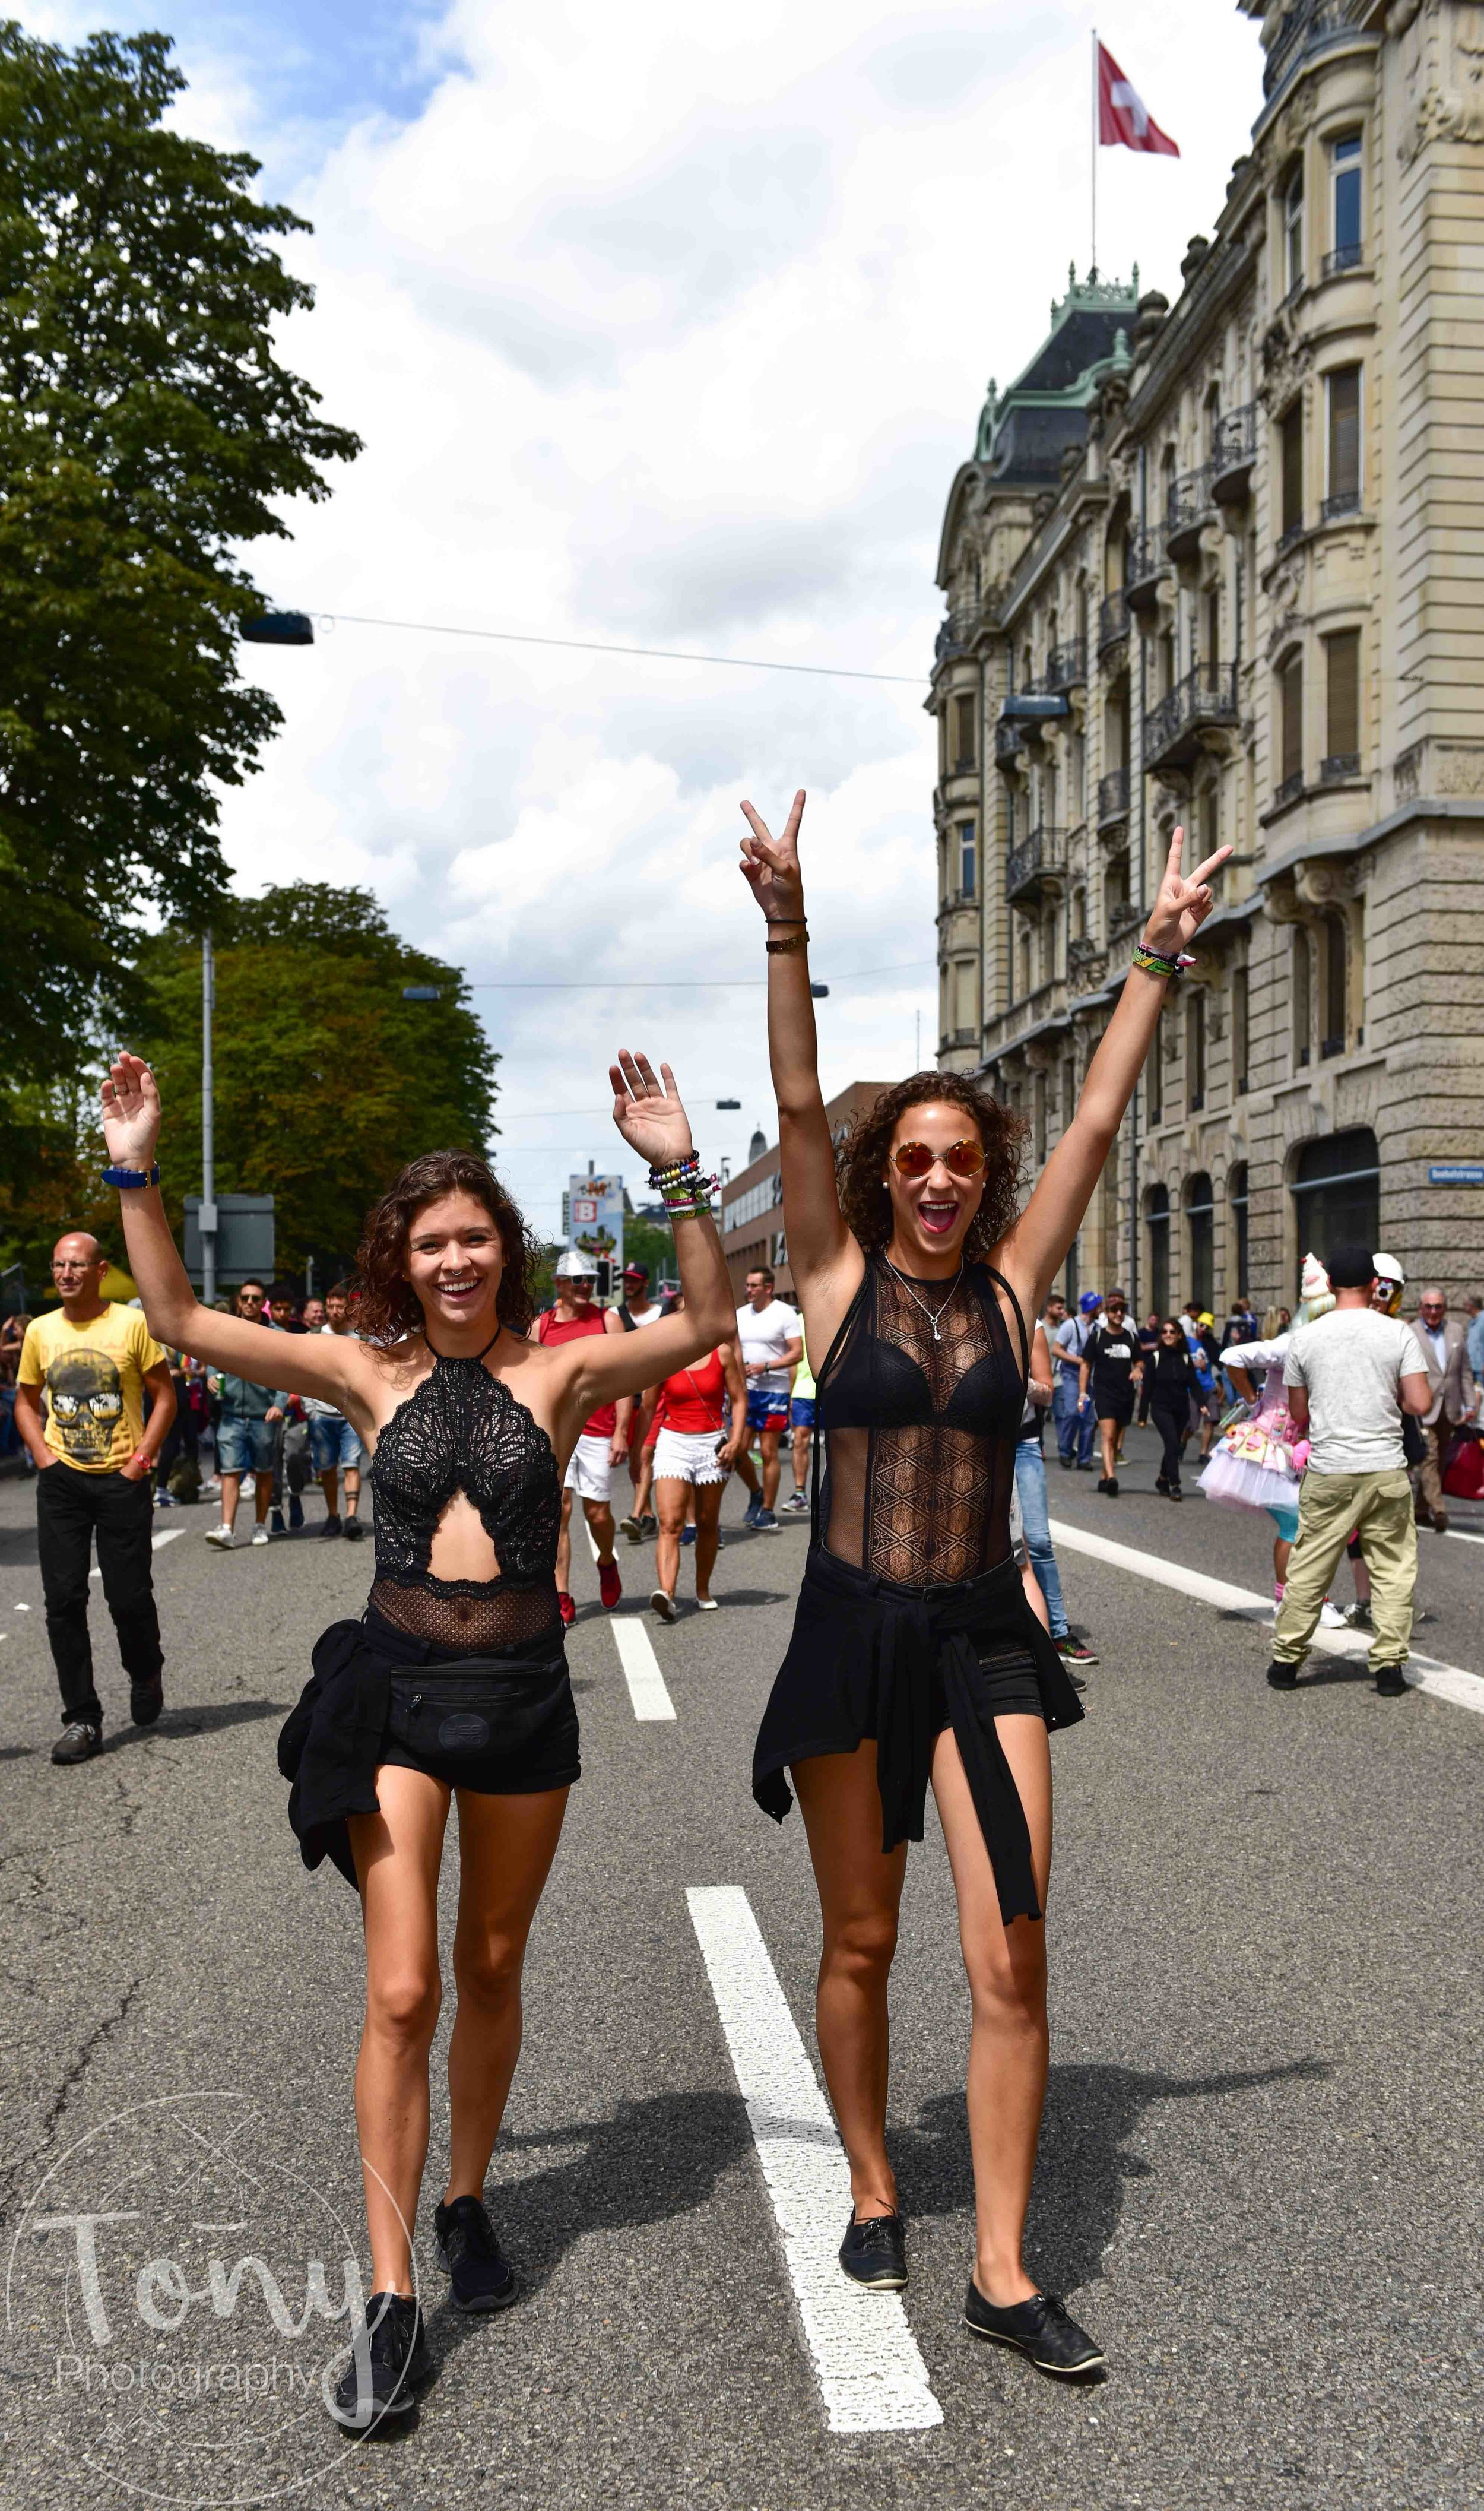 streetparade-26.jpg